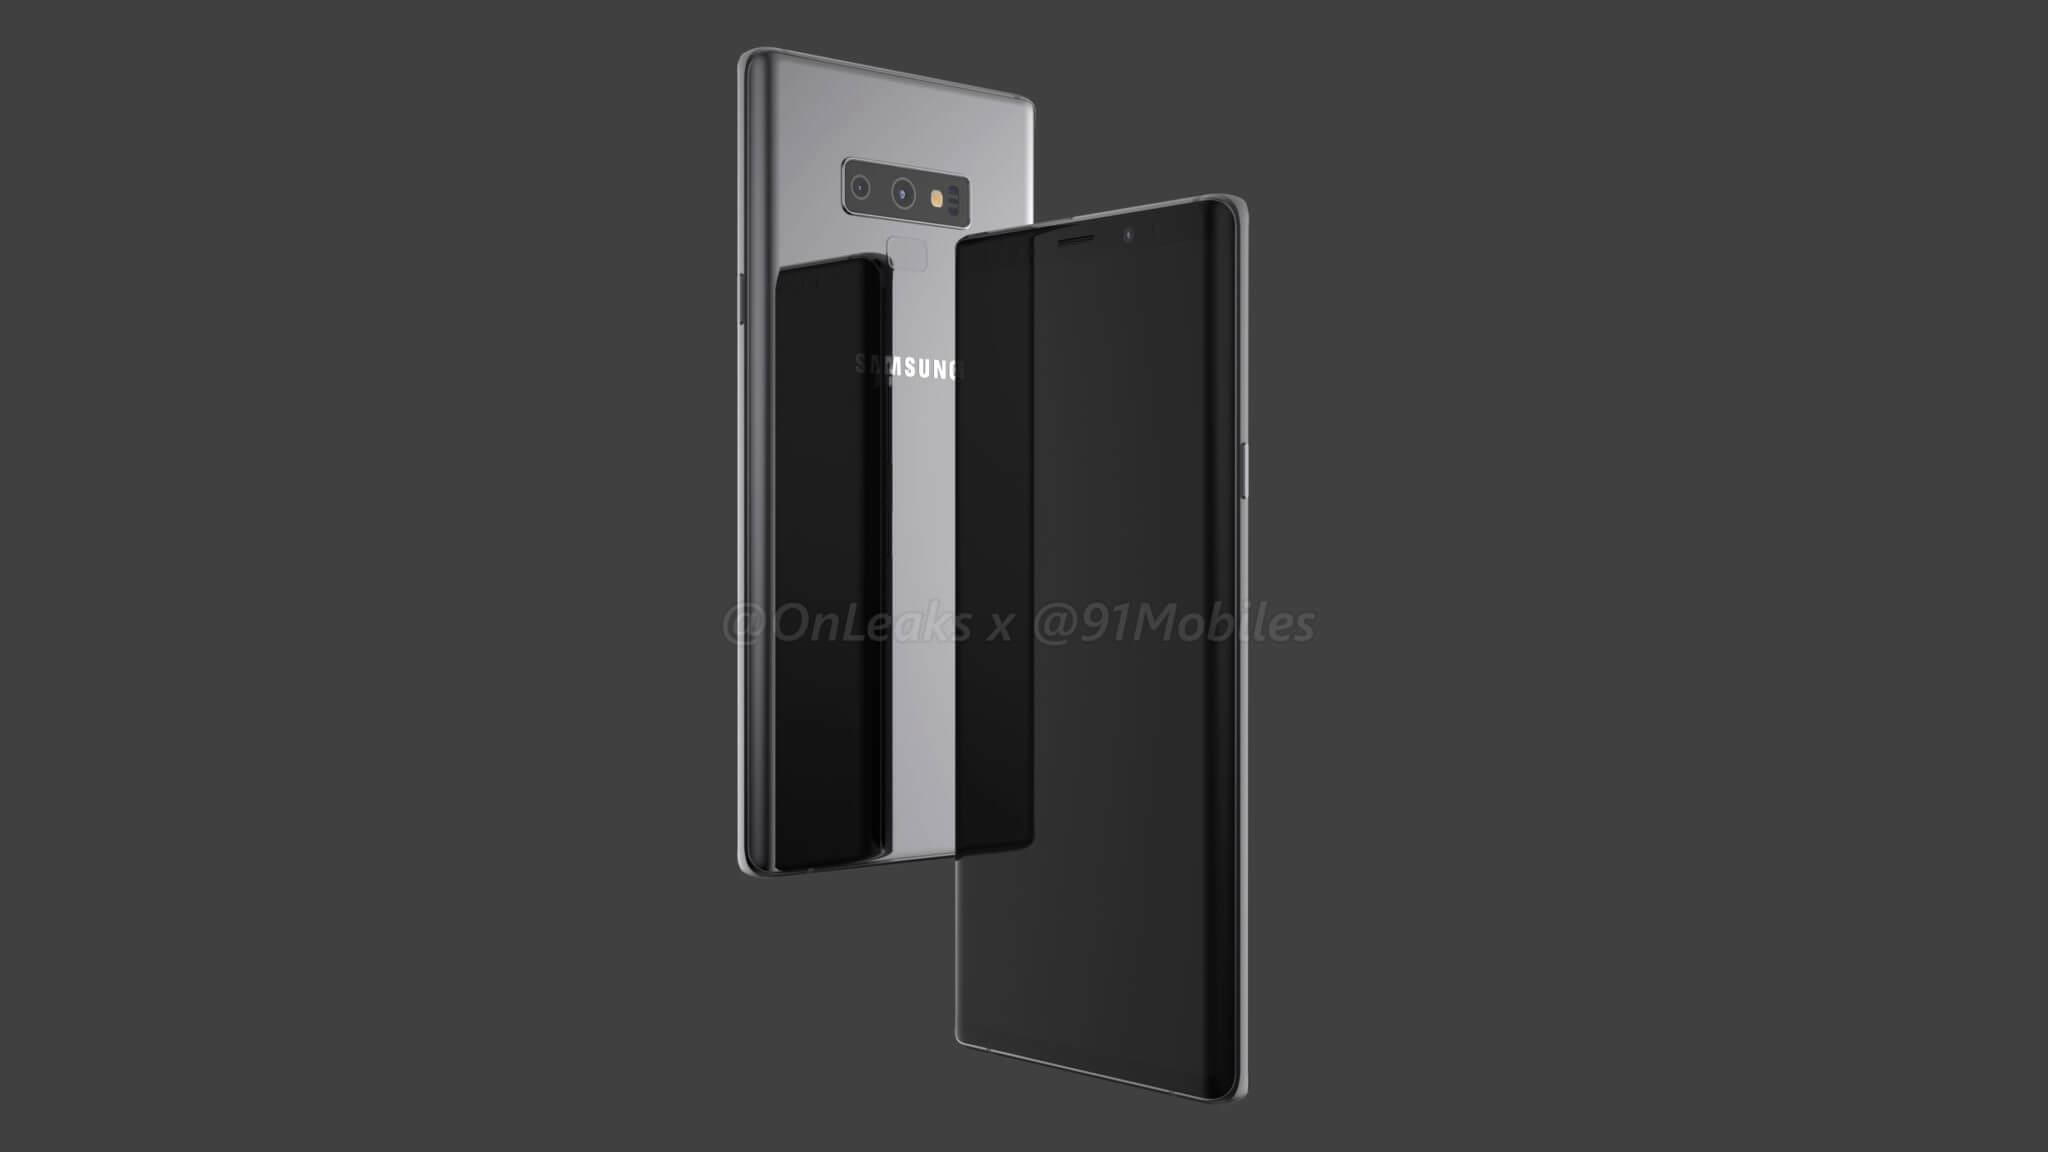 13 2 - Galaxy Note 9: vazamento revela design do aparelho